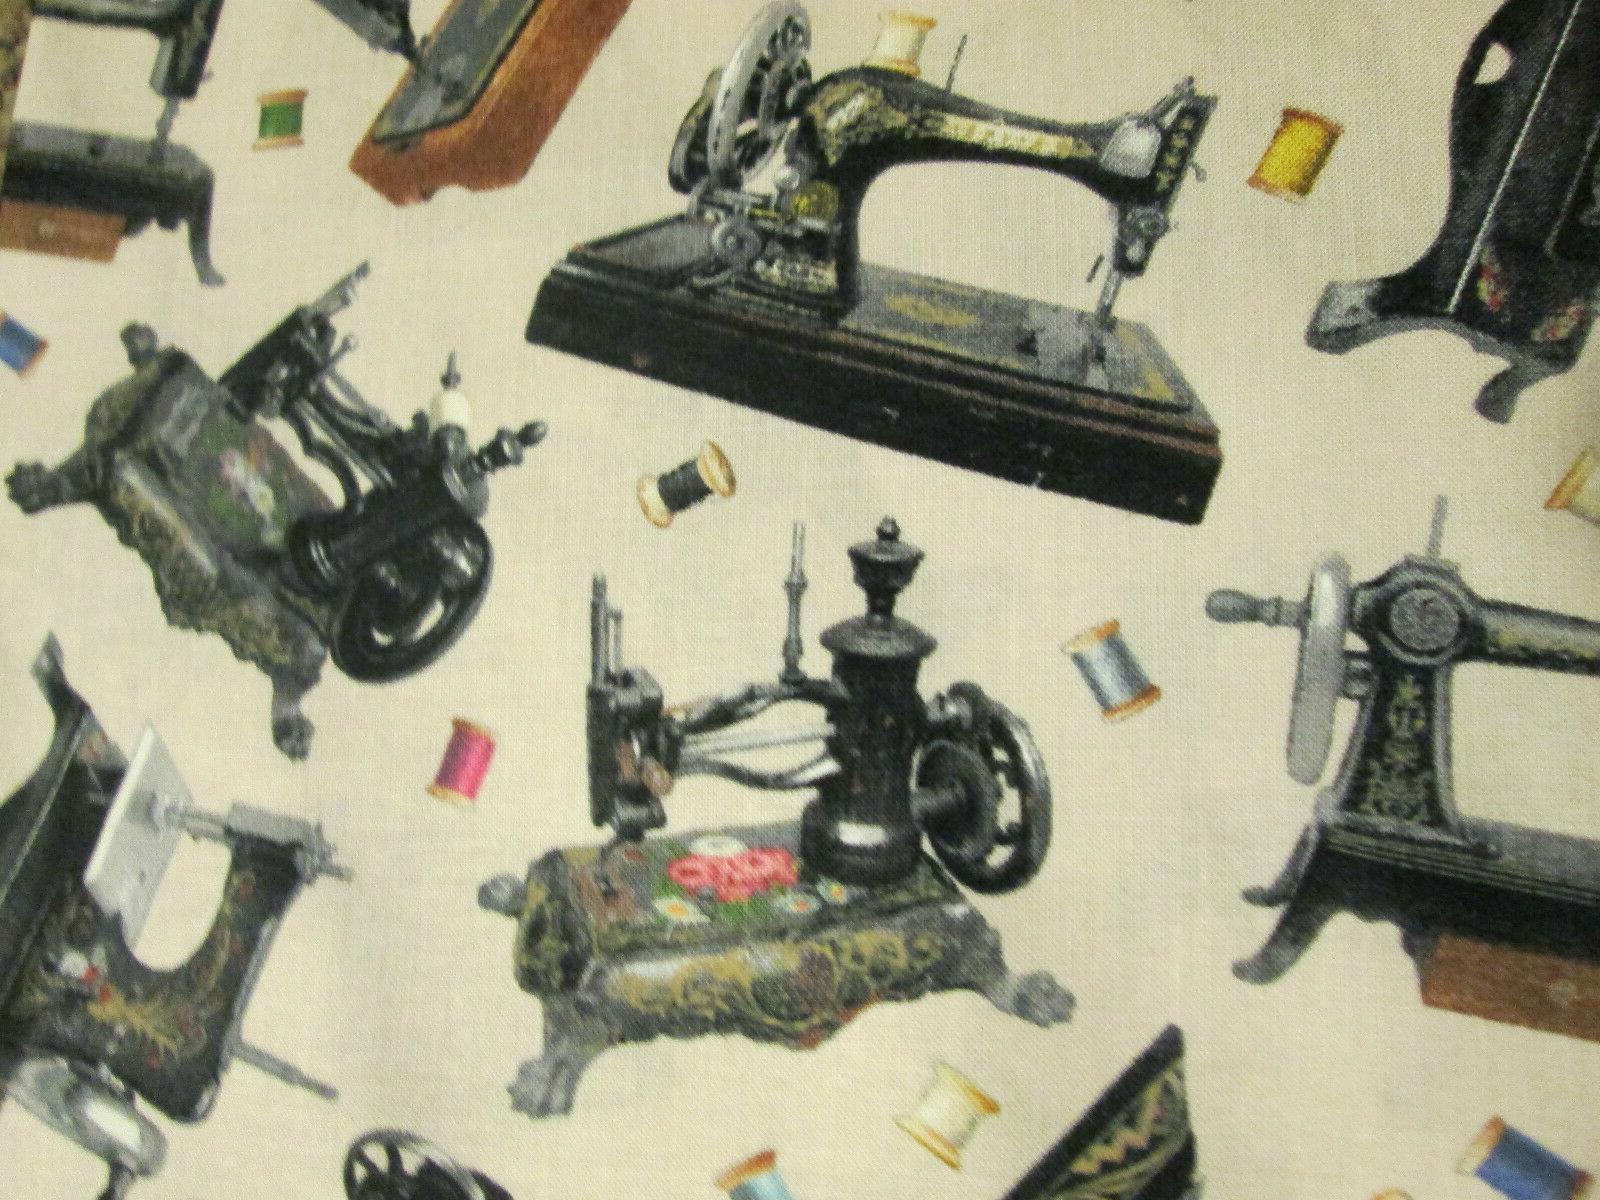 antique sewing machines thread cream cotton fabric